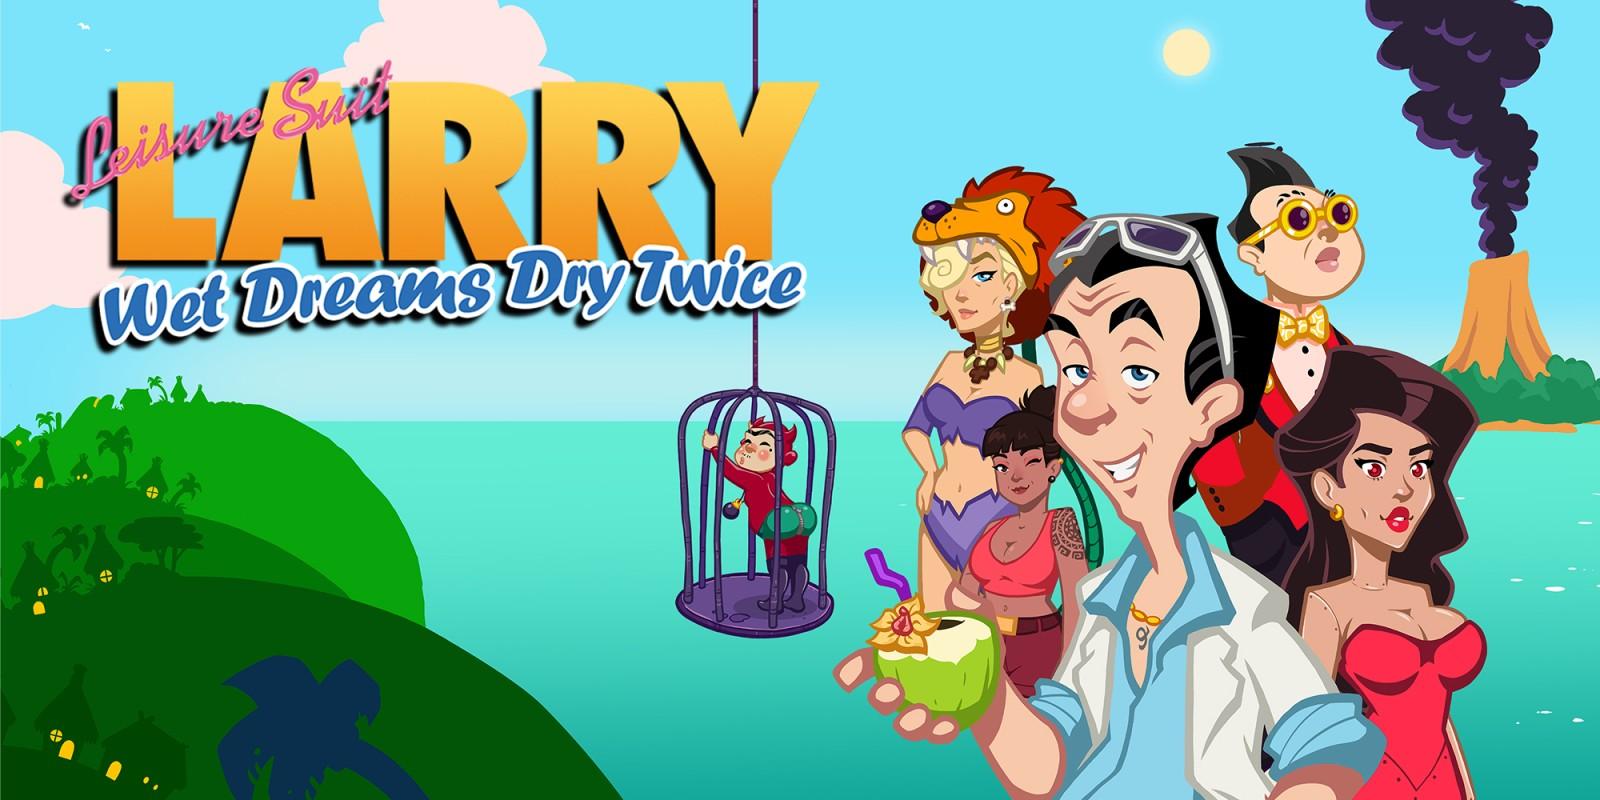 Leisure Suit Larry - Wet Dreams Dry Twice | Nintendo Switch | Jeux |  Nintendo